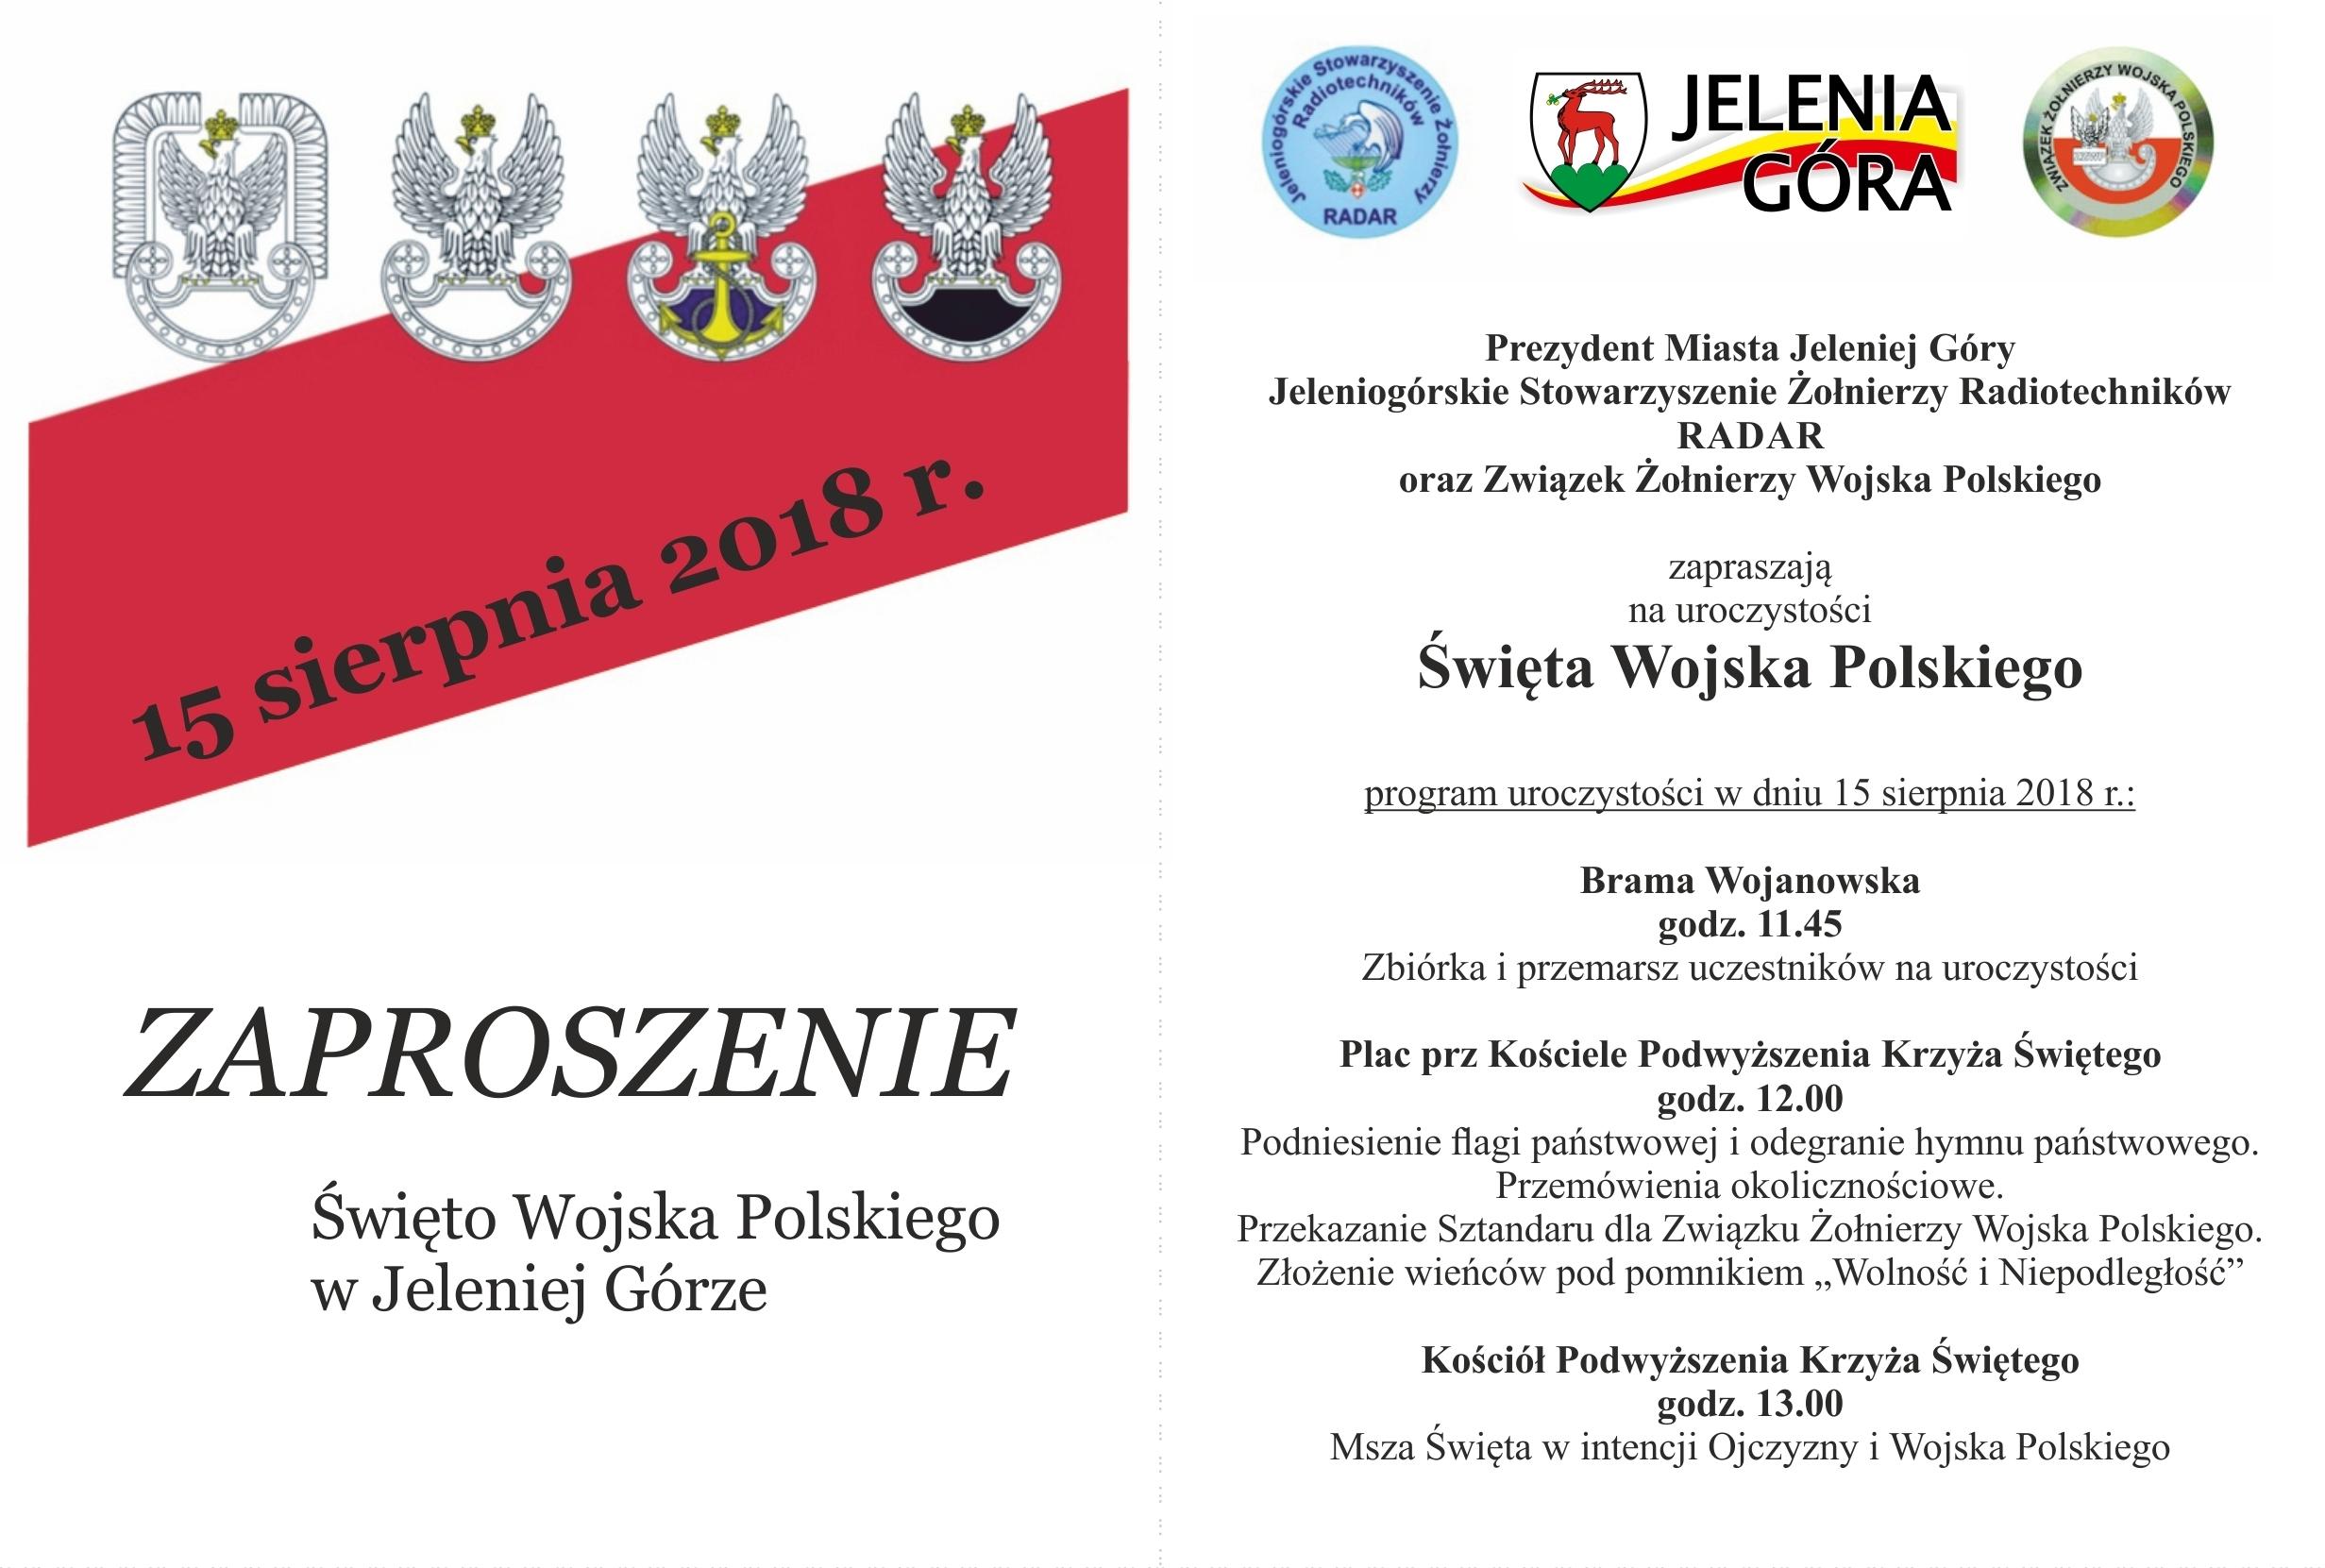 Zaproszenie 15 sierpnia 2018